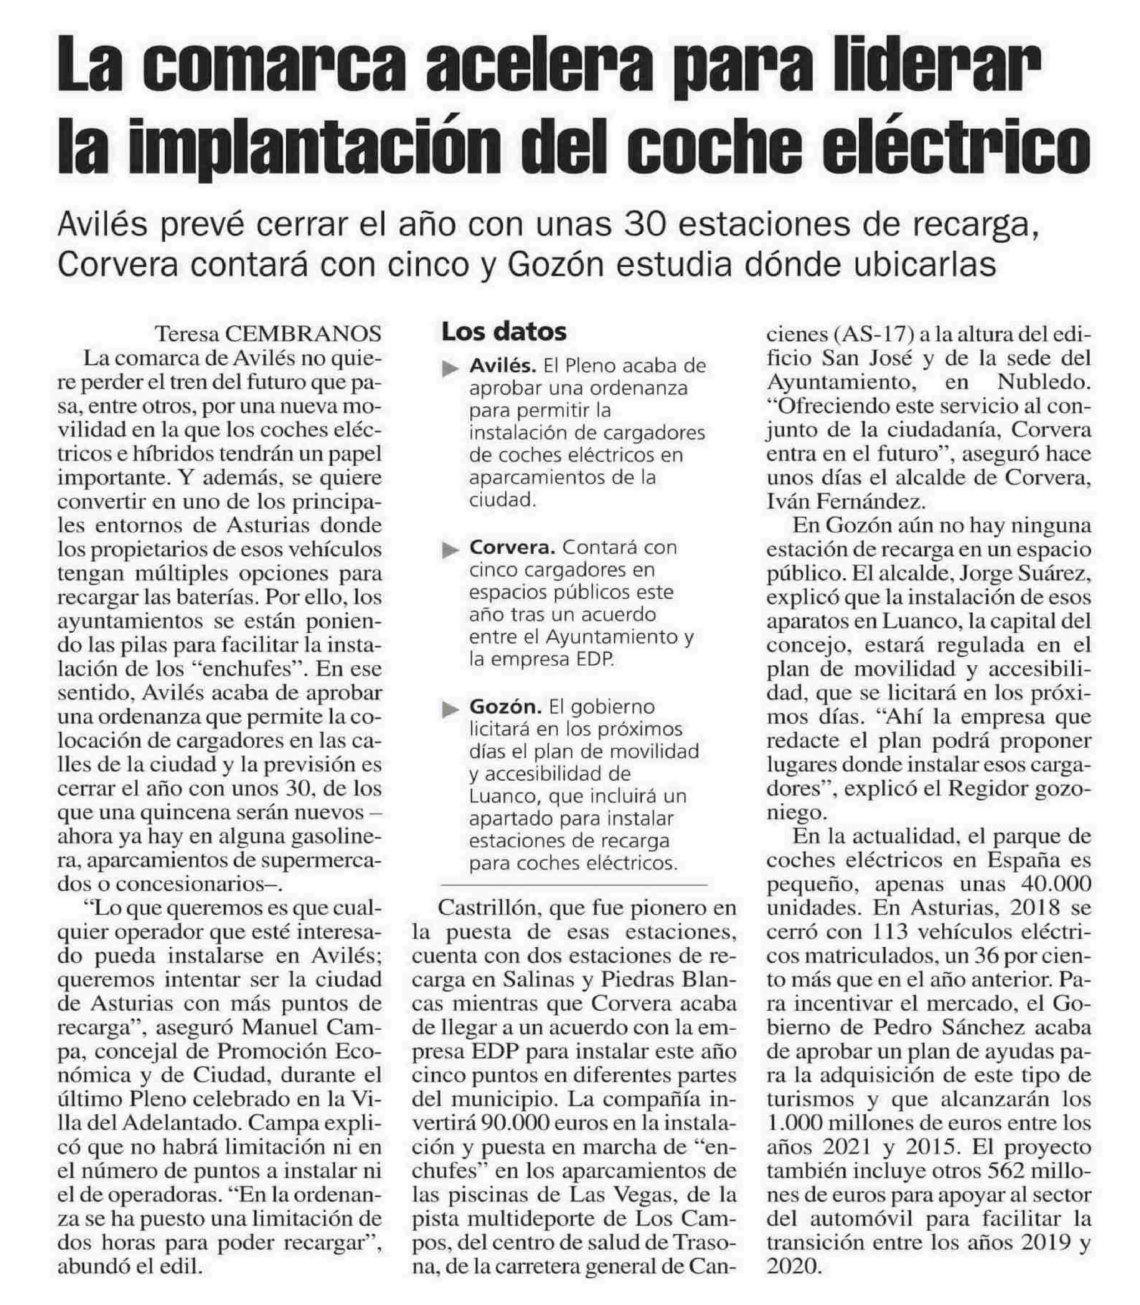 Implantación del coche eléctrico en la comarca de Avilés